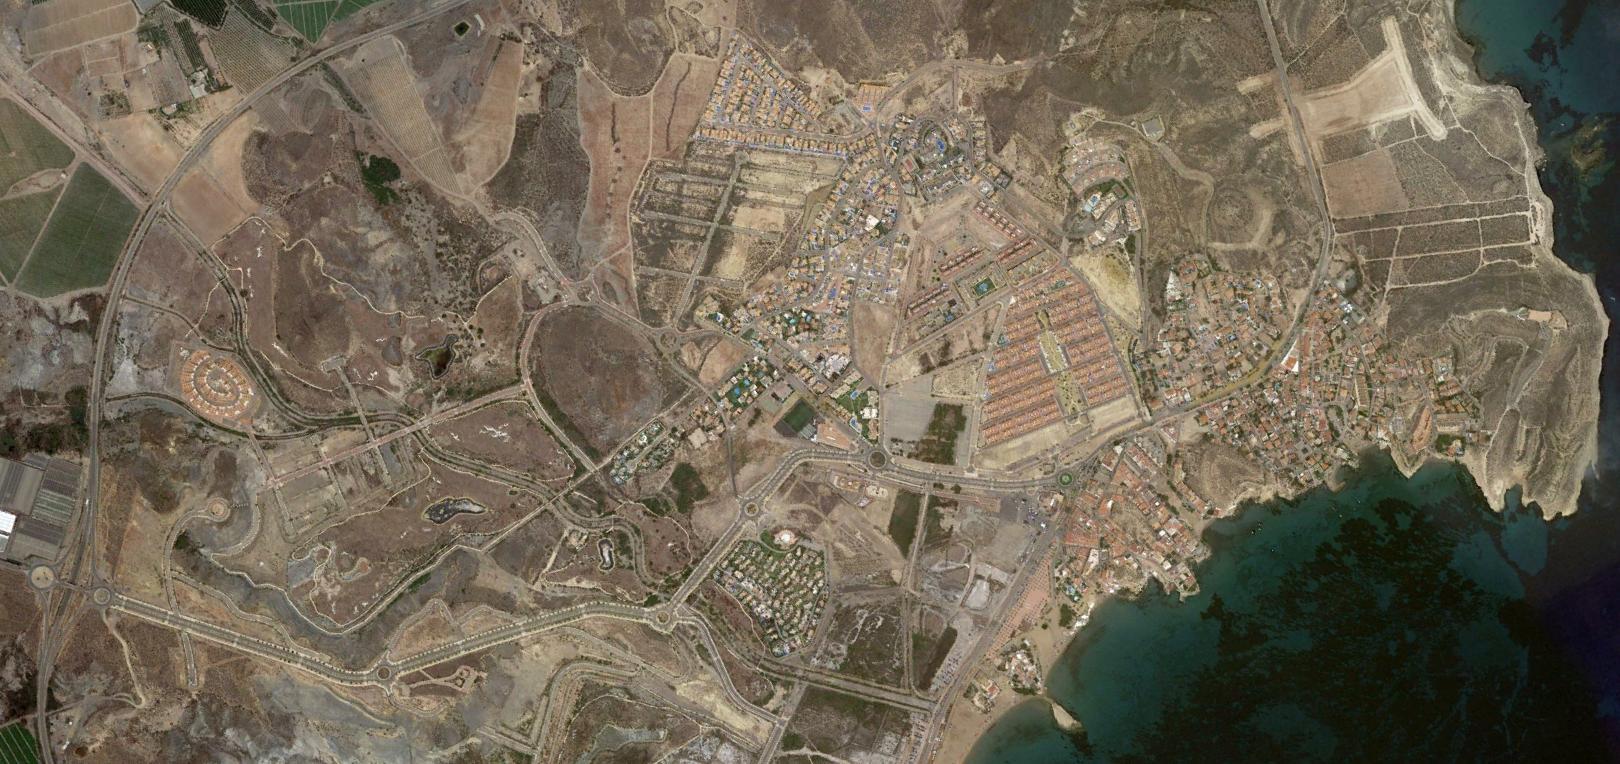 san juan de los terreros, almería, johnny of the soils, después, urbanismo, planeamiento, urbano, desastre, urbanístico, construcción, rotondas, carretera